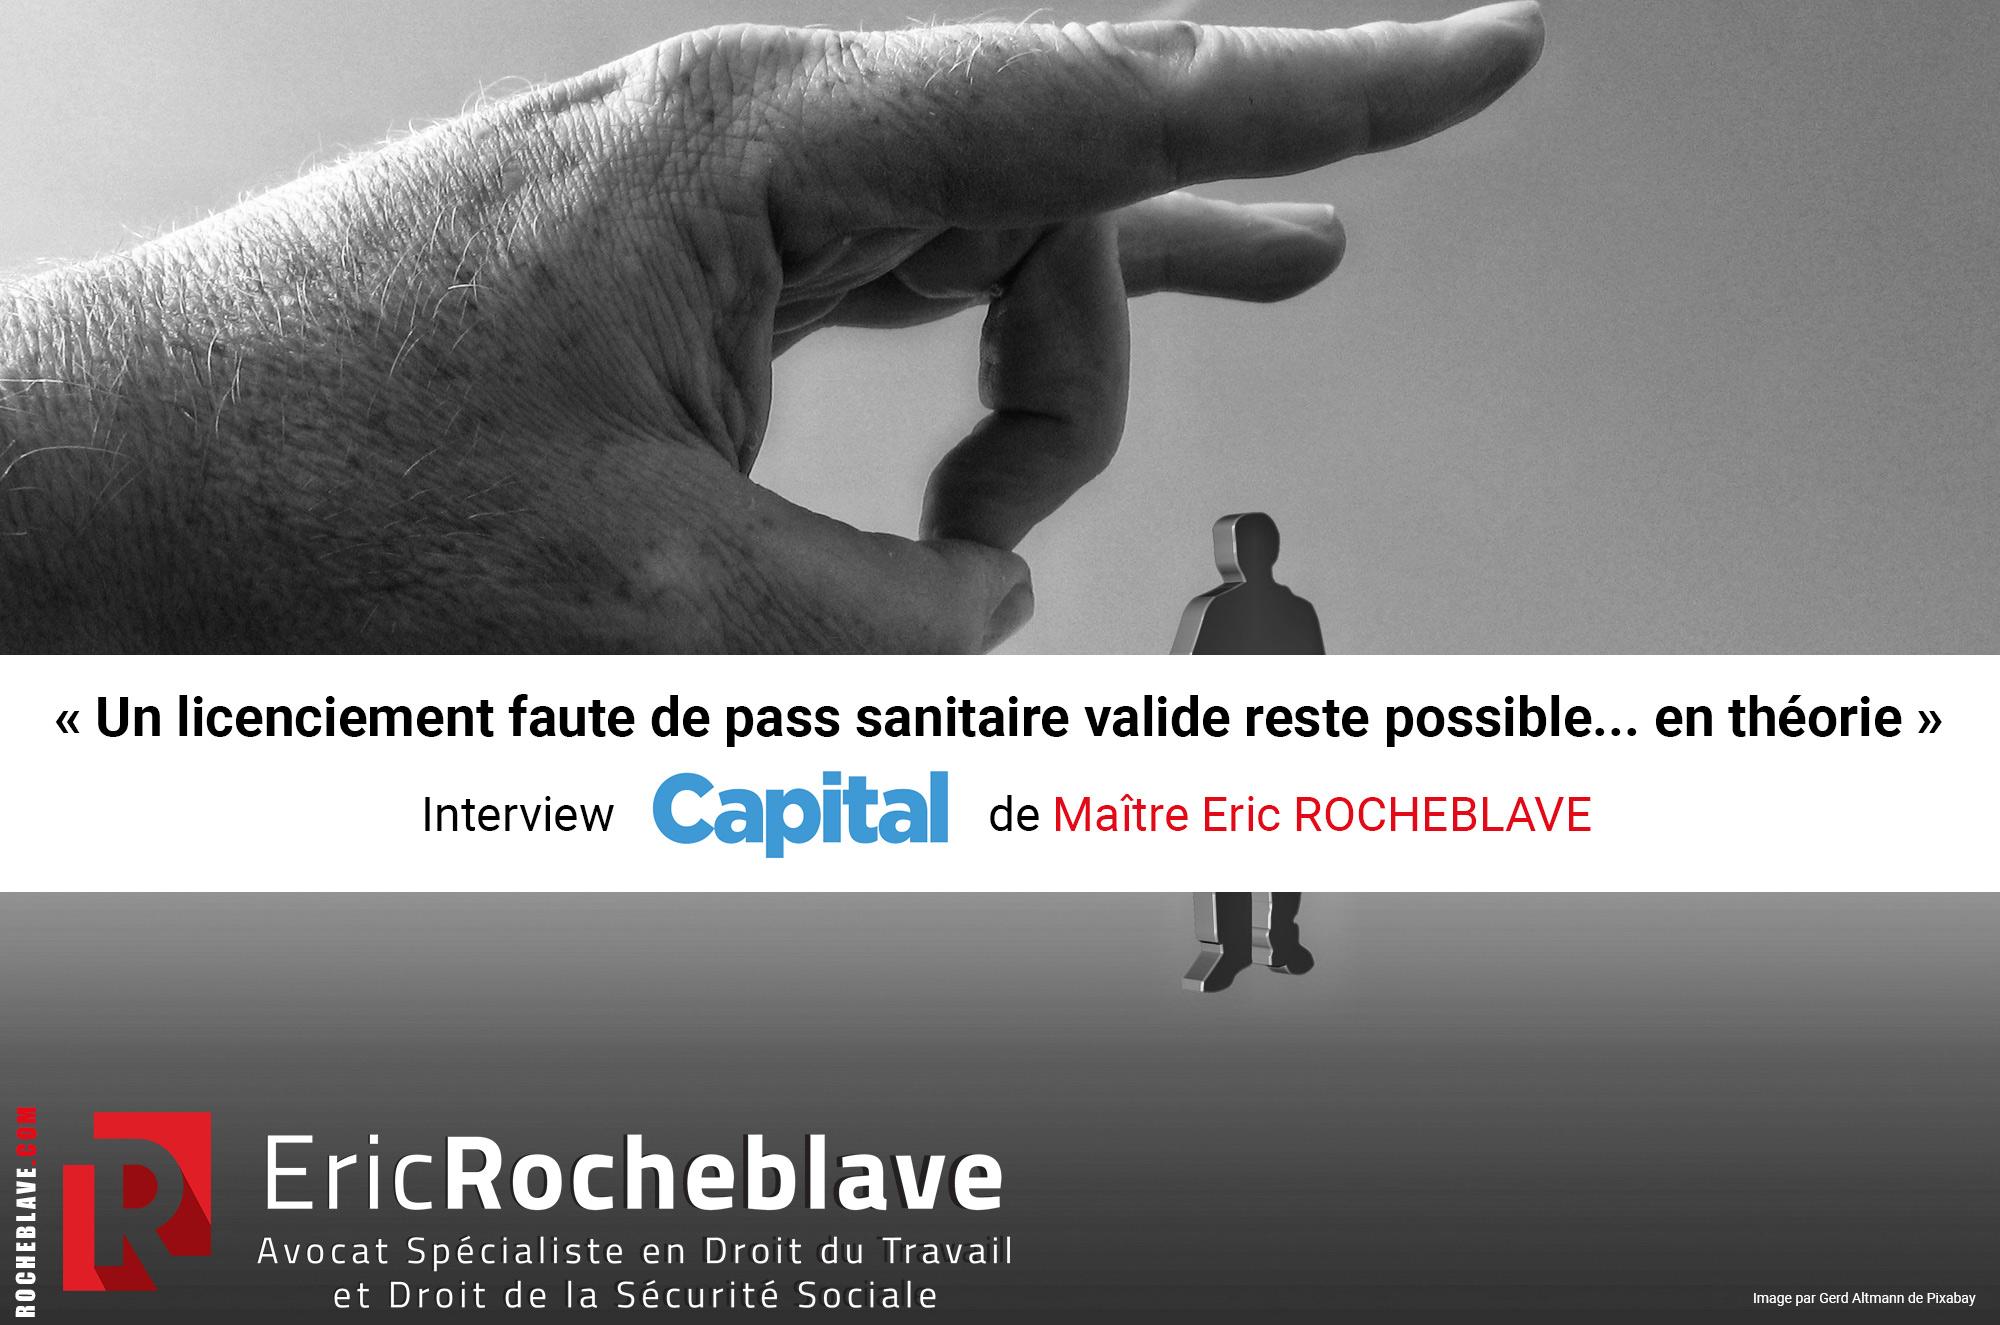 « Un licenciement faute de pass sanitaire valide reste possible… en théorie » Interview CAPITAL de Maître Eric ROCHEBLAVE